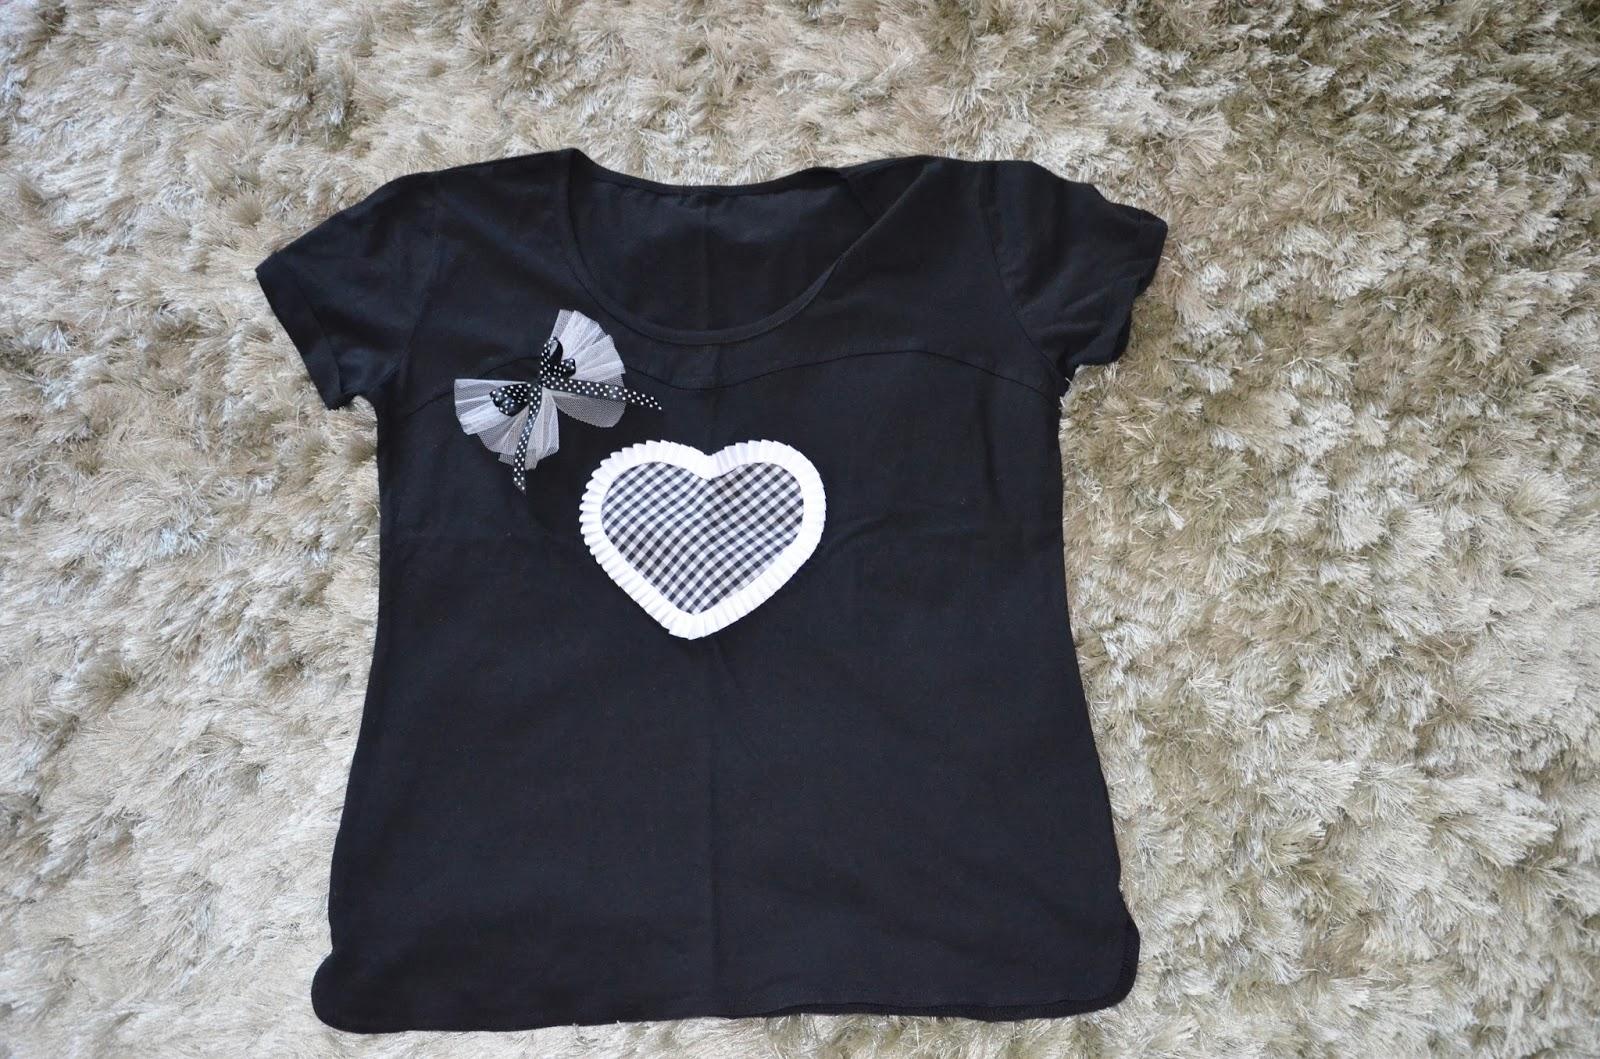 camiseta con aplicación de corazon de vichy negro y blanco con plisado blanco y lazo de tul decorativo